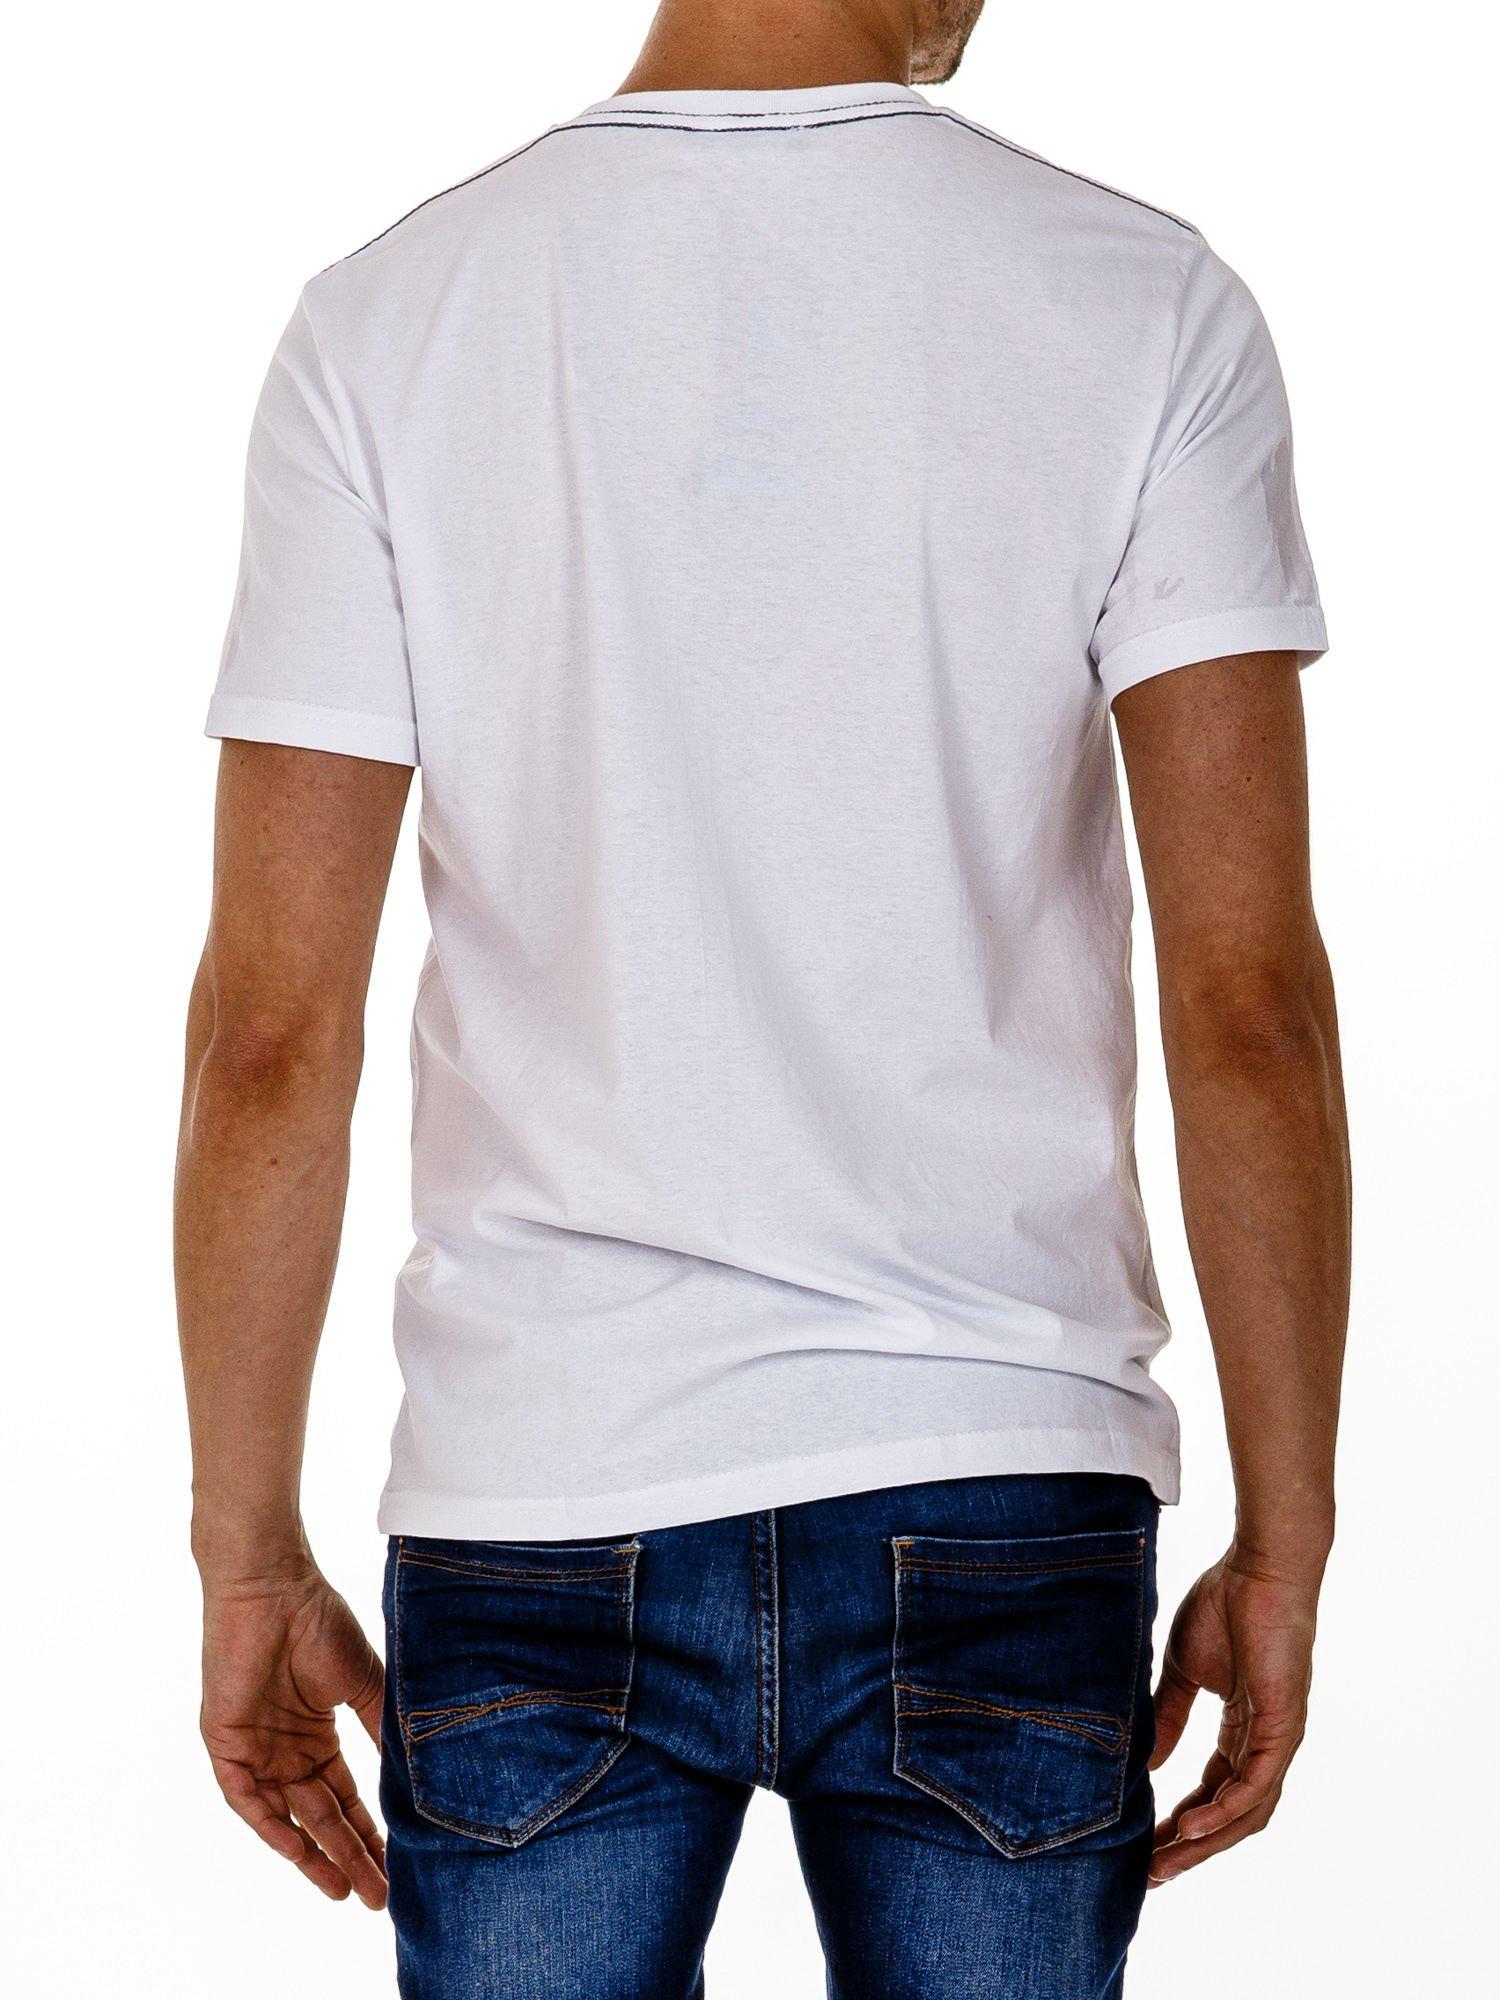 Biały t-shirt męski z napisami BROOKLYN NEW YORK SPIRIT 86                                  zdj.                                  5